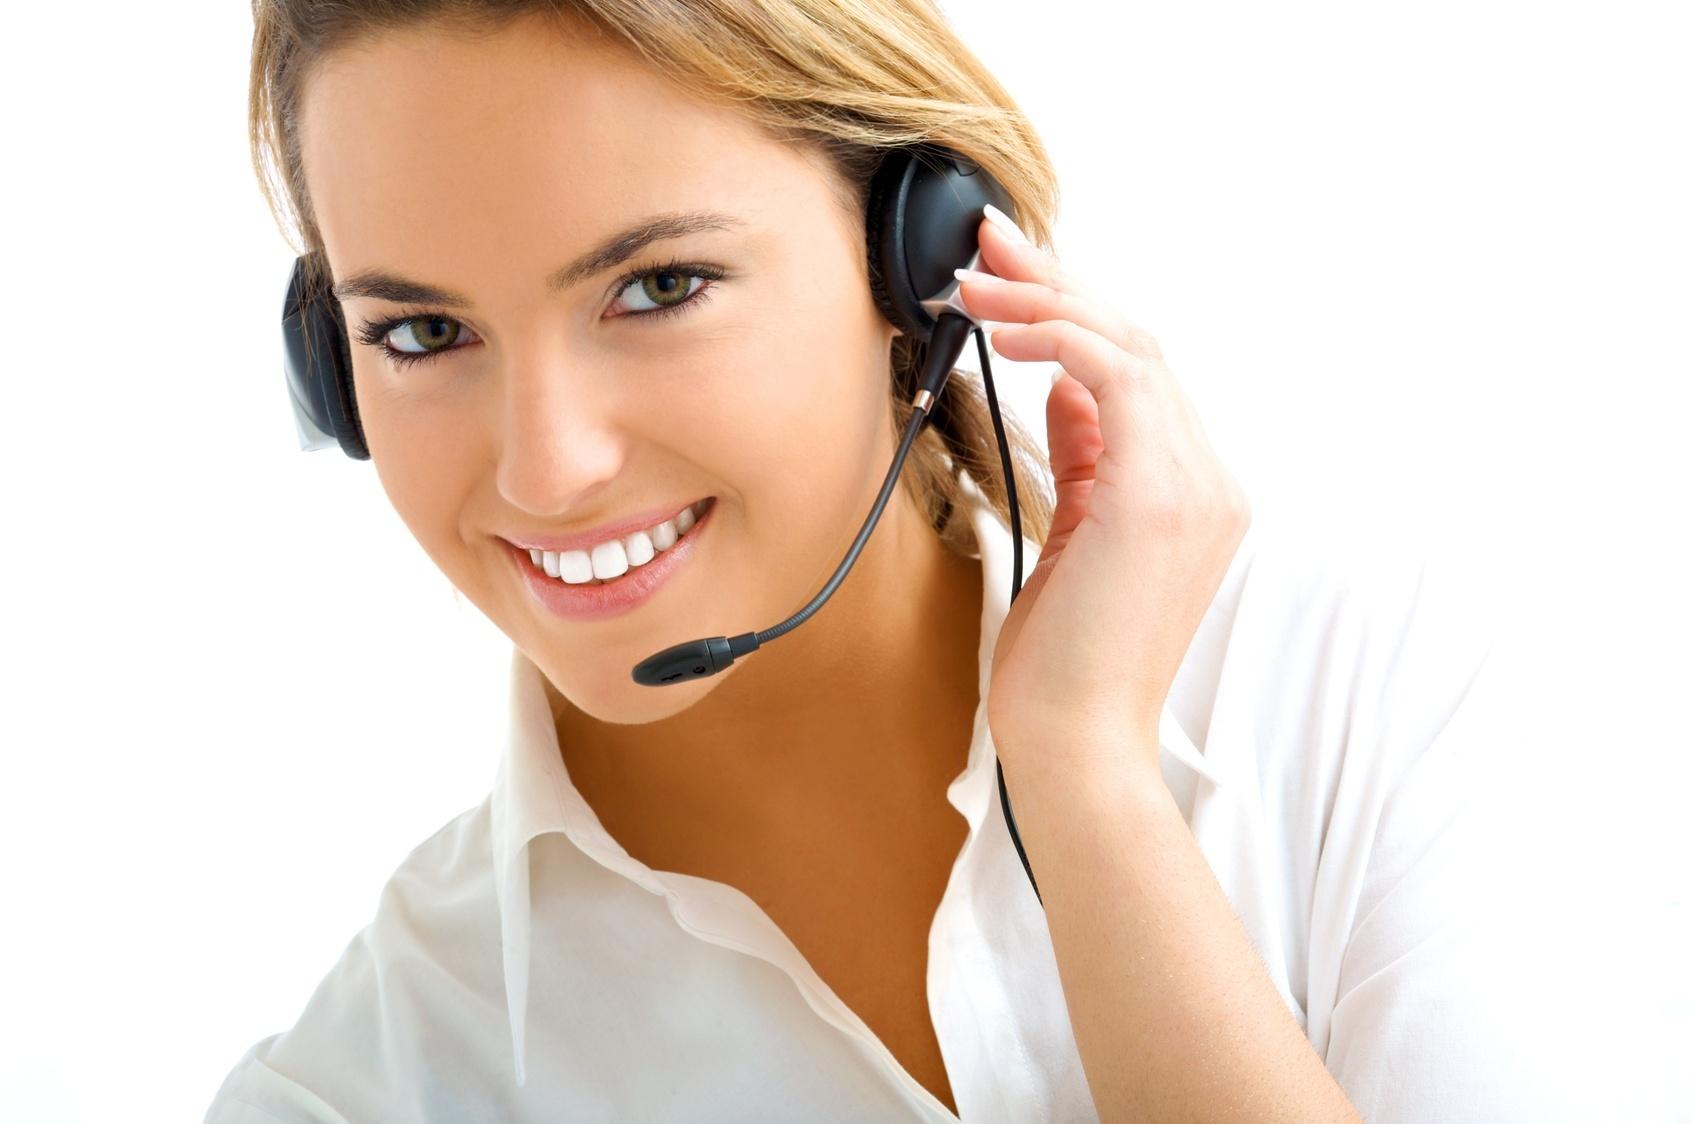 Fliesen outlet  Fliesenoutlet-Shop24.de - Markenfliesen & Lifestyle online...!